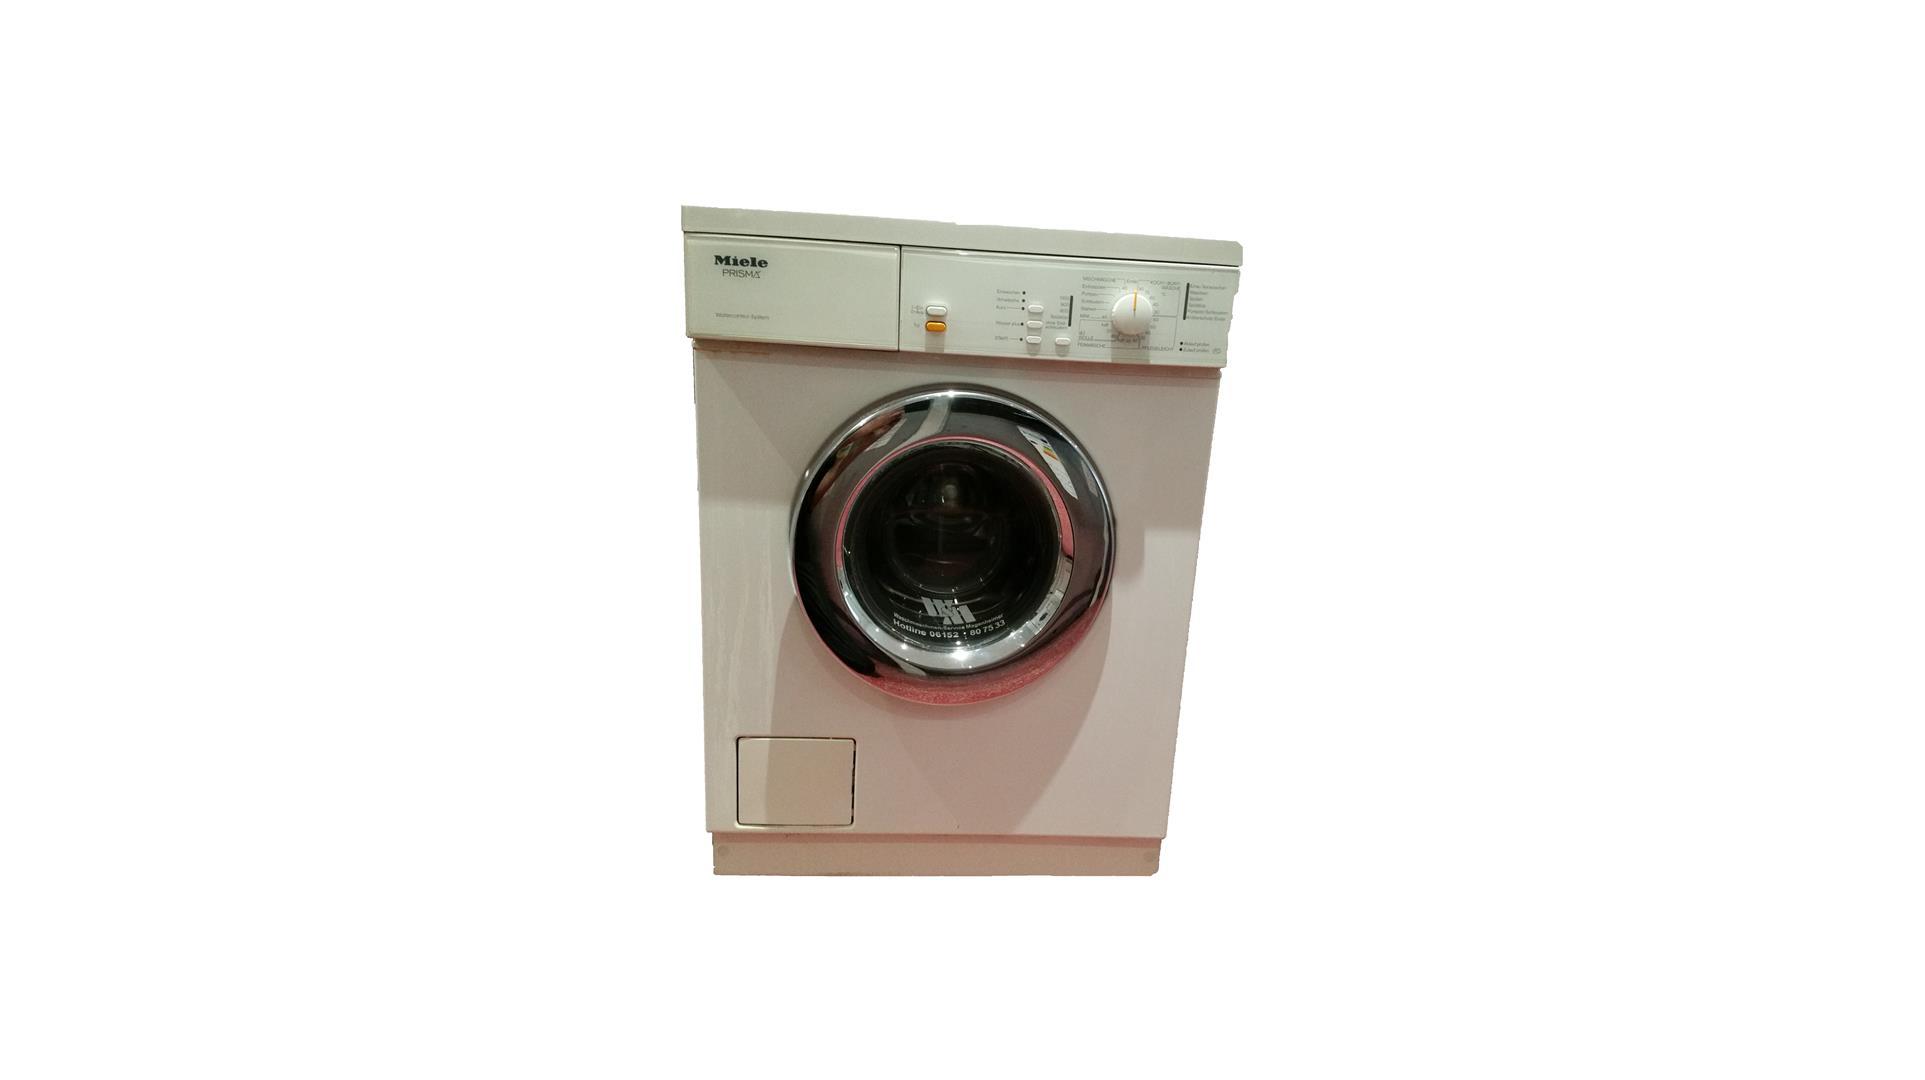 waschmaschine miele gebraucht miele waschmaschine. Black Bedroom Furniture Sets. Home Design Ideas